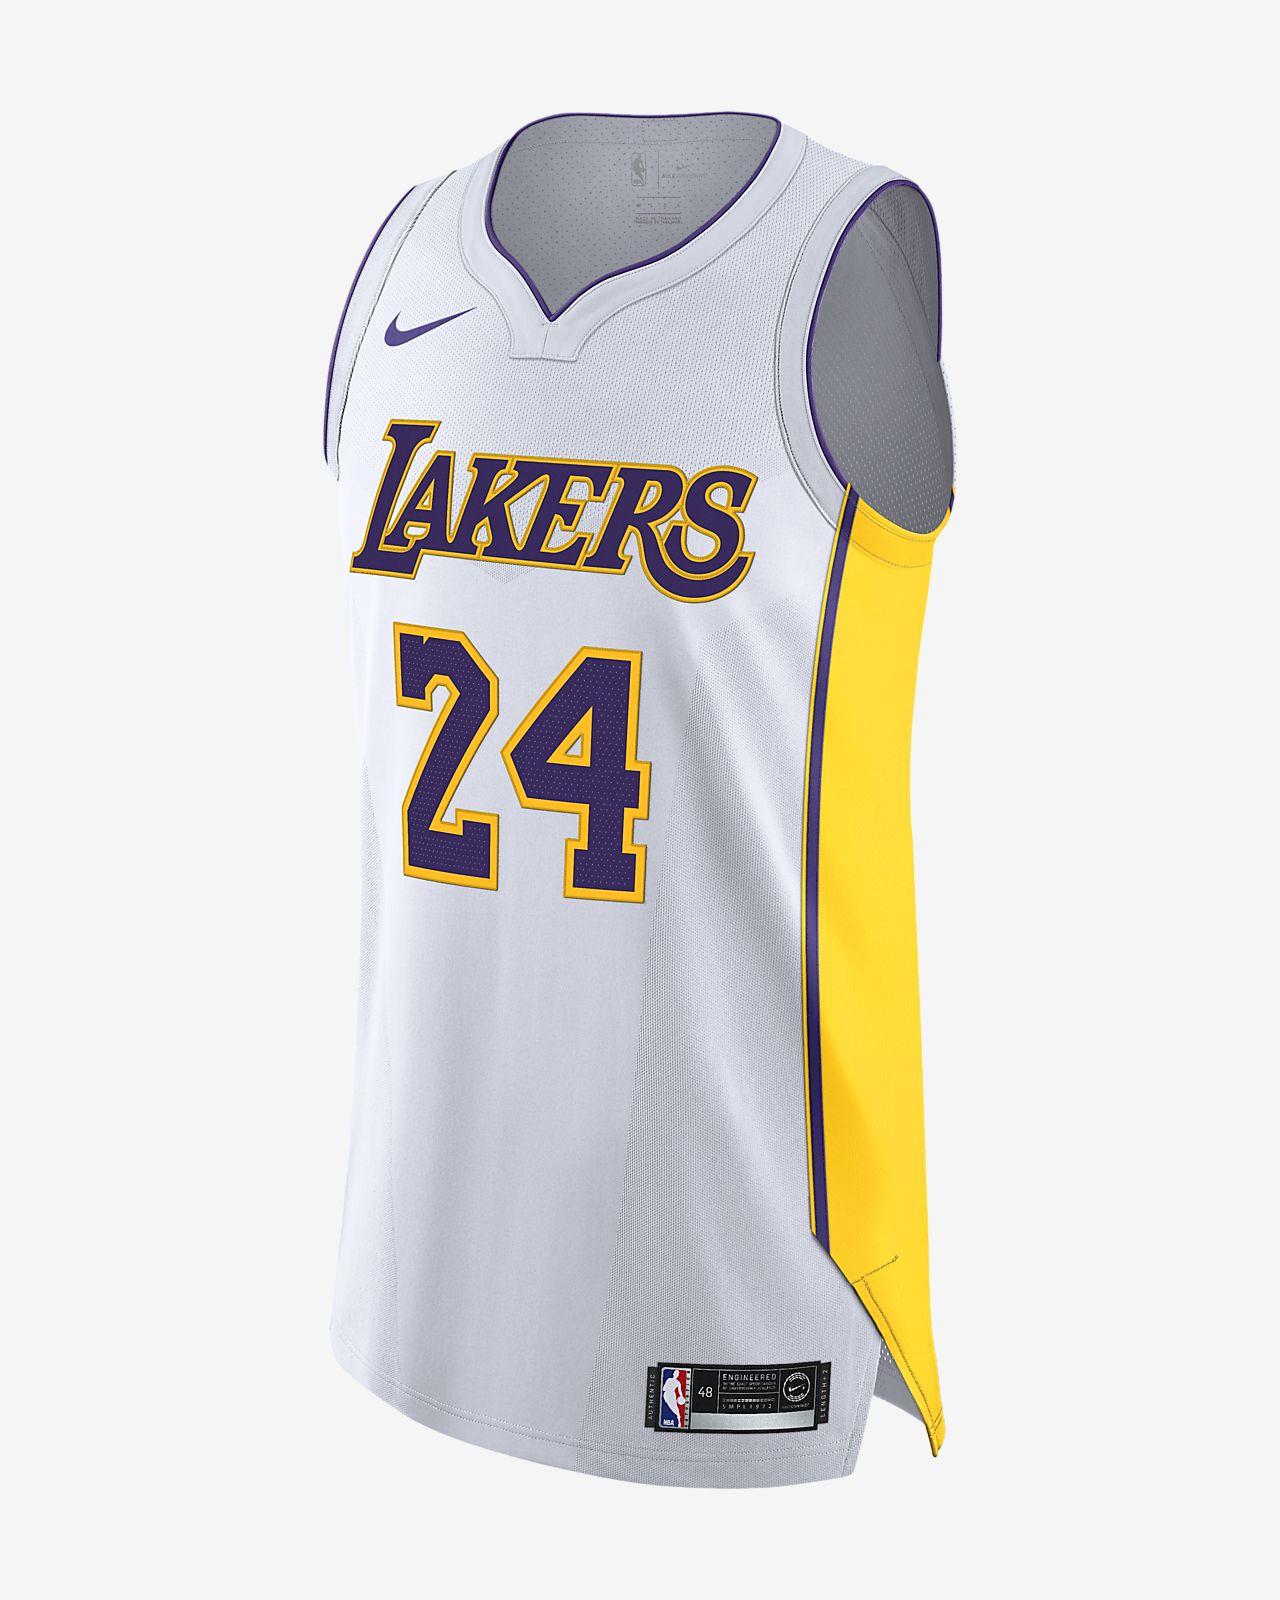 Ανδρική συνδεδεμένη φανέλα Nike NBA Kobe Bryant Association Edition Authentic (Los Angeles Lakers)